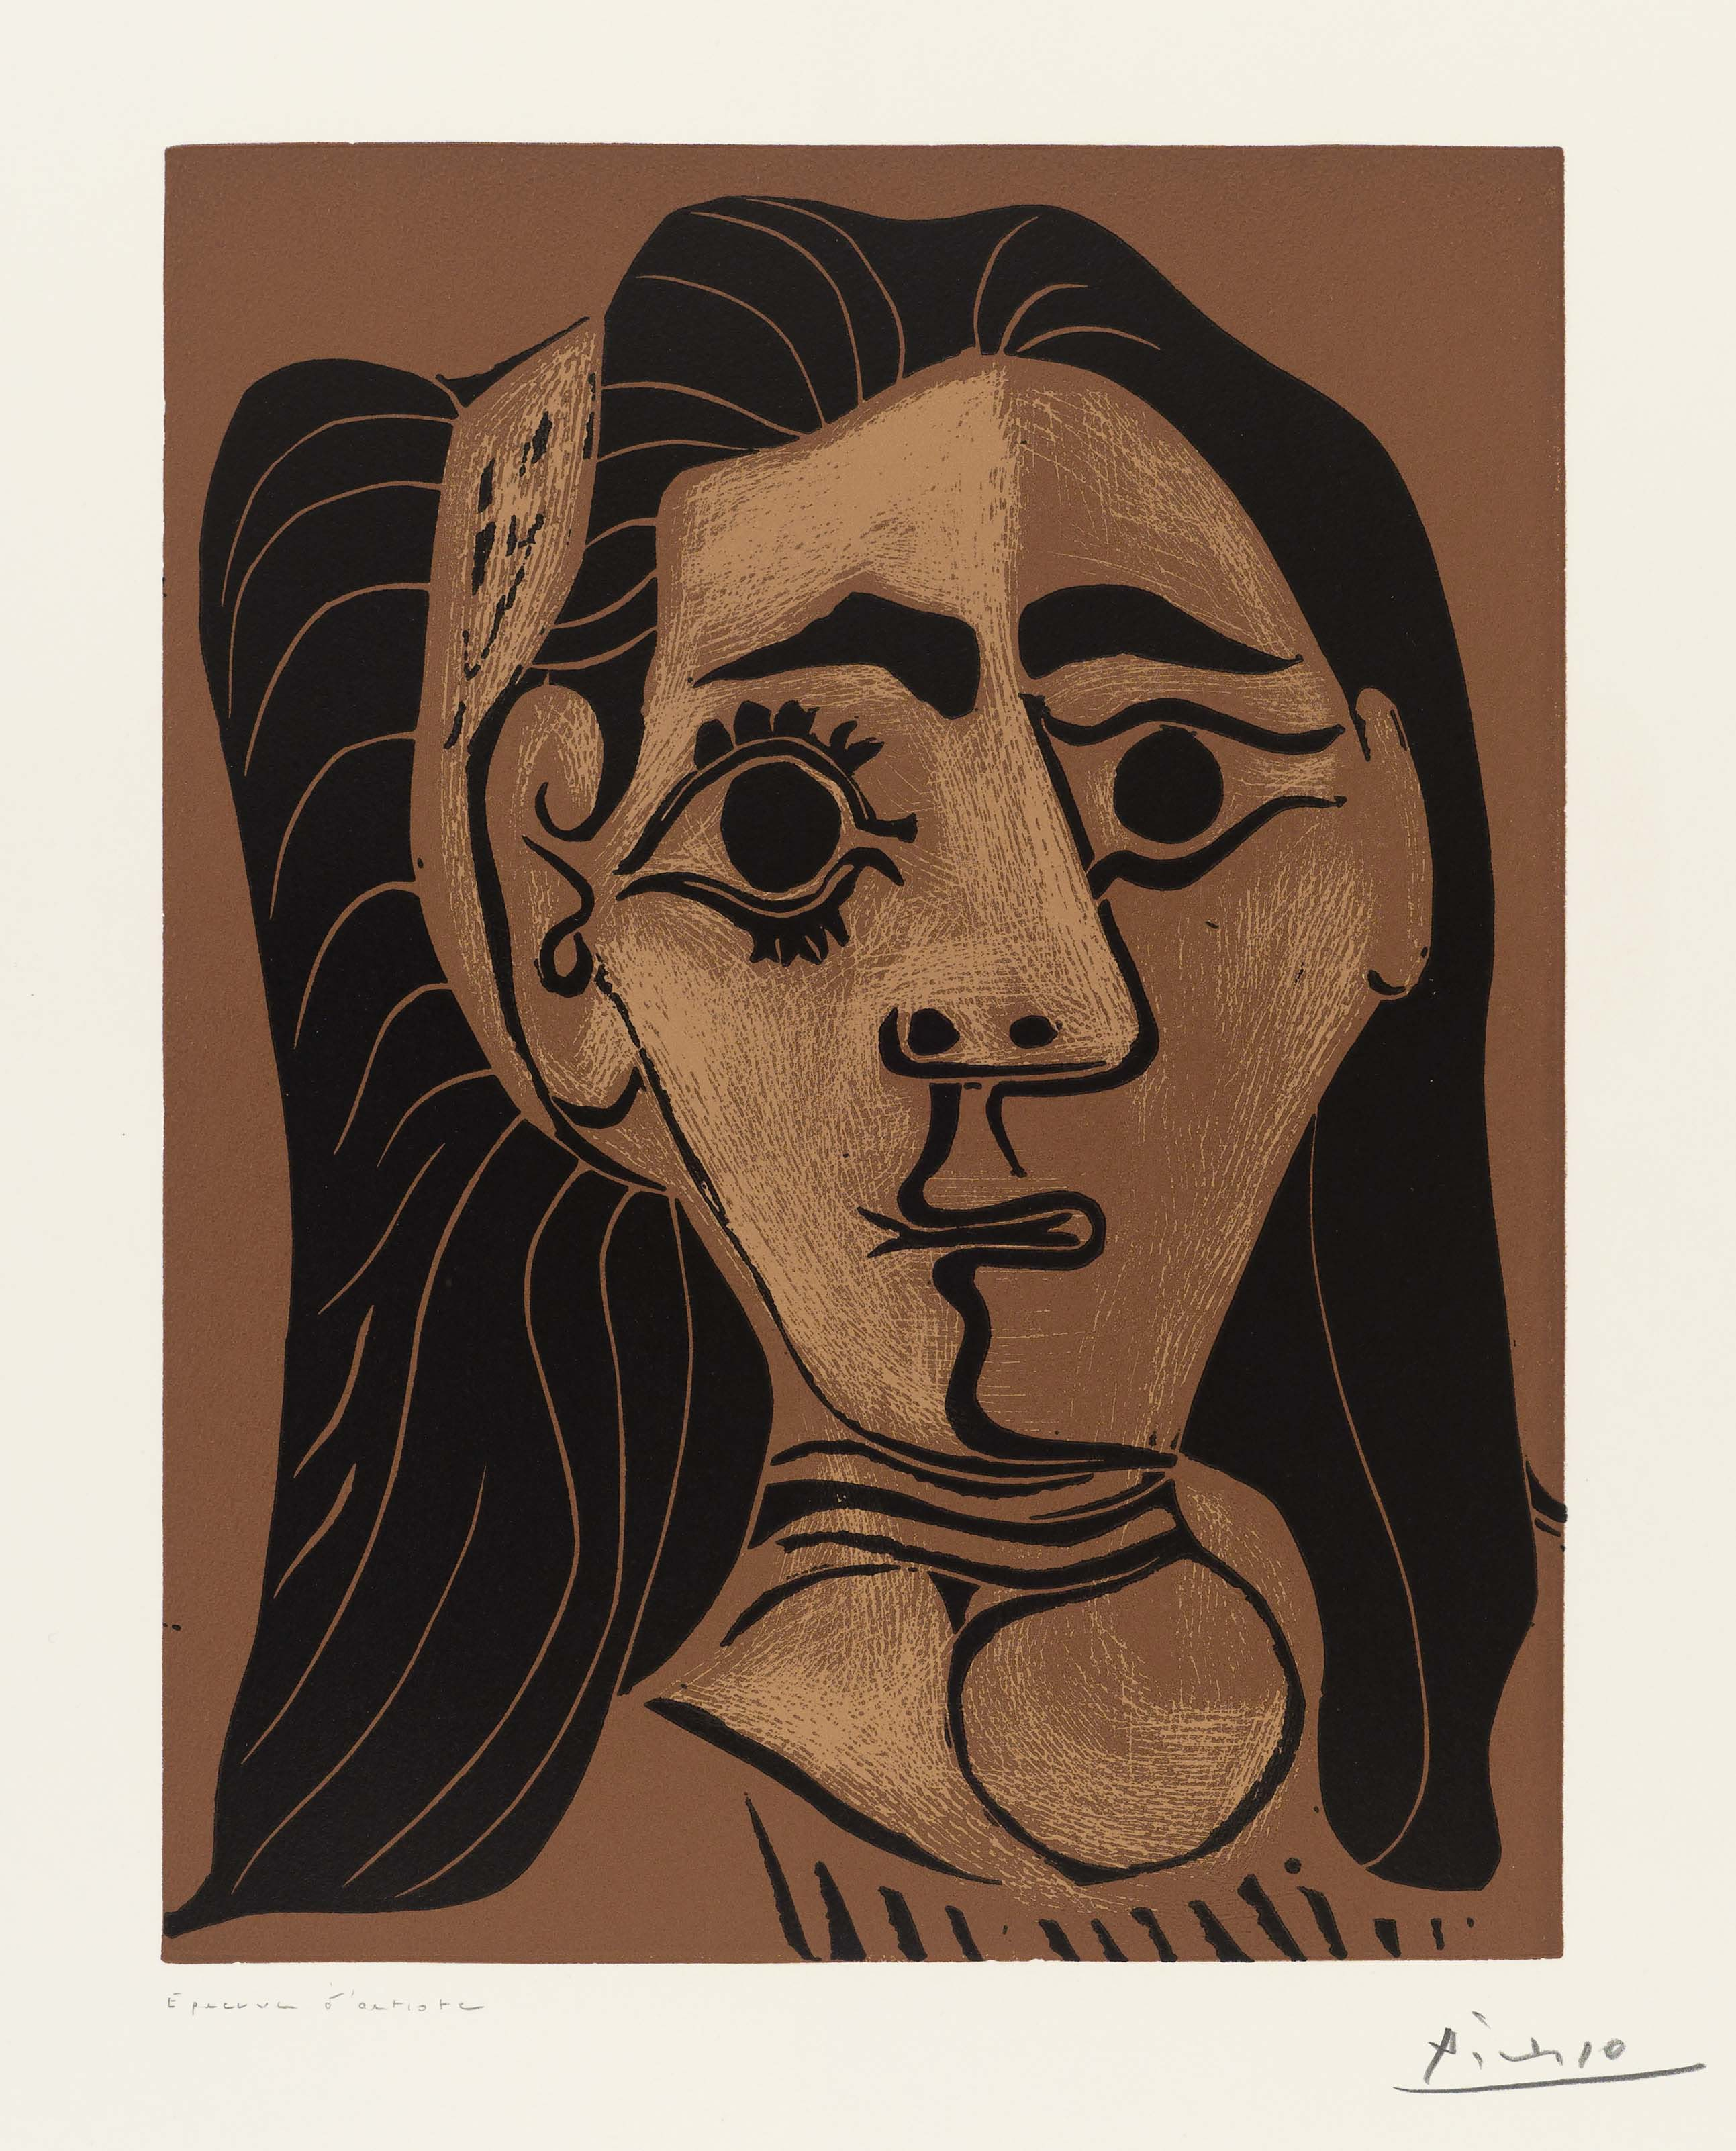 Jacqueline portrait